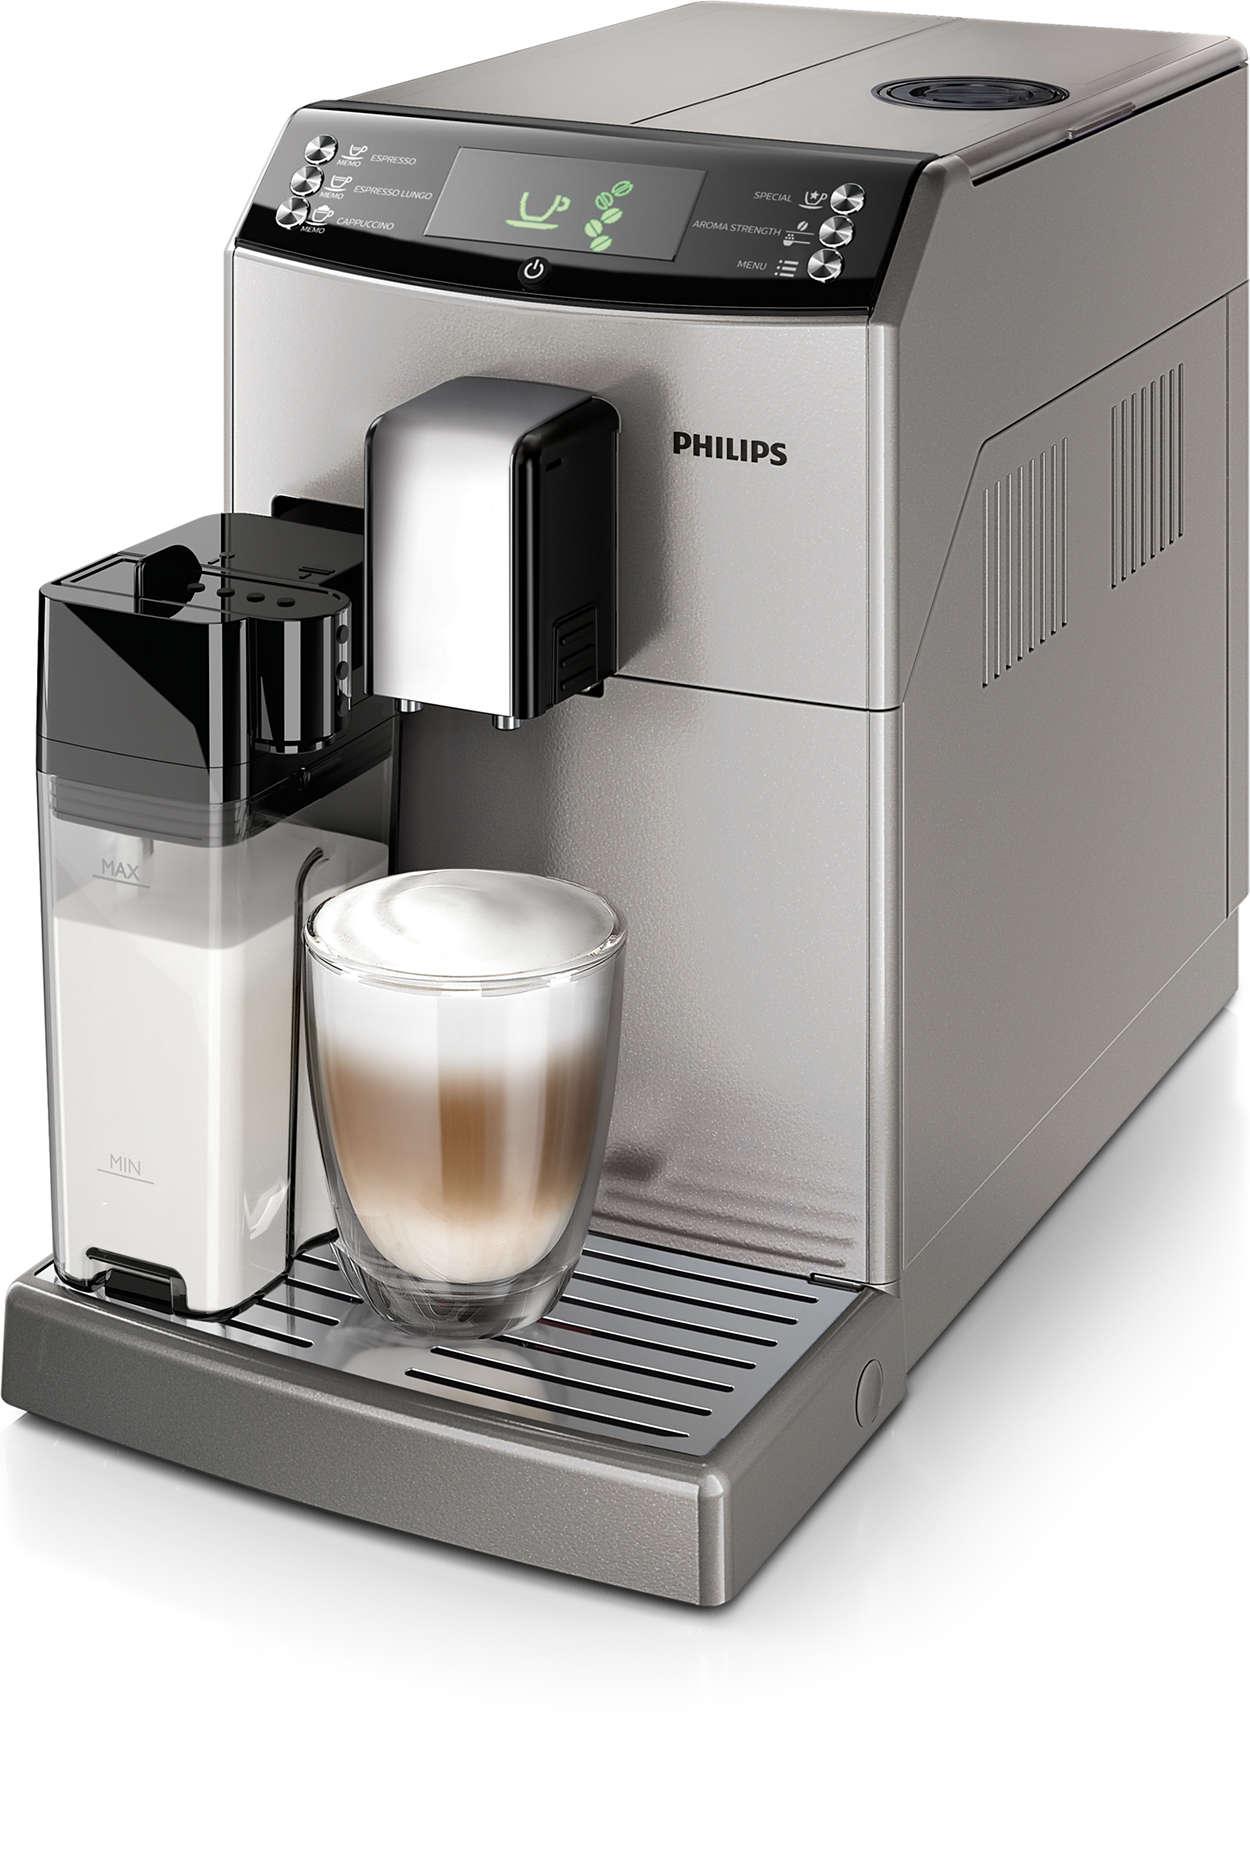 Jednim dodirom do espressa i cappuccina, upravo onako kako želite